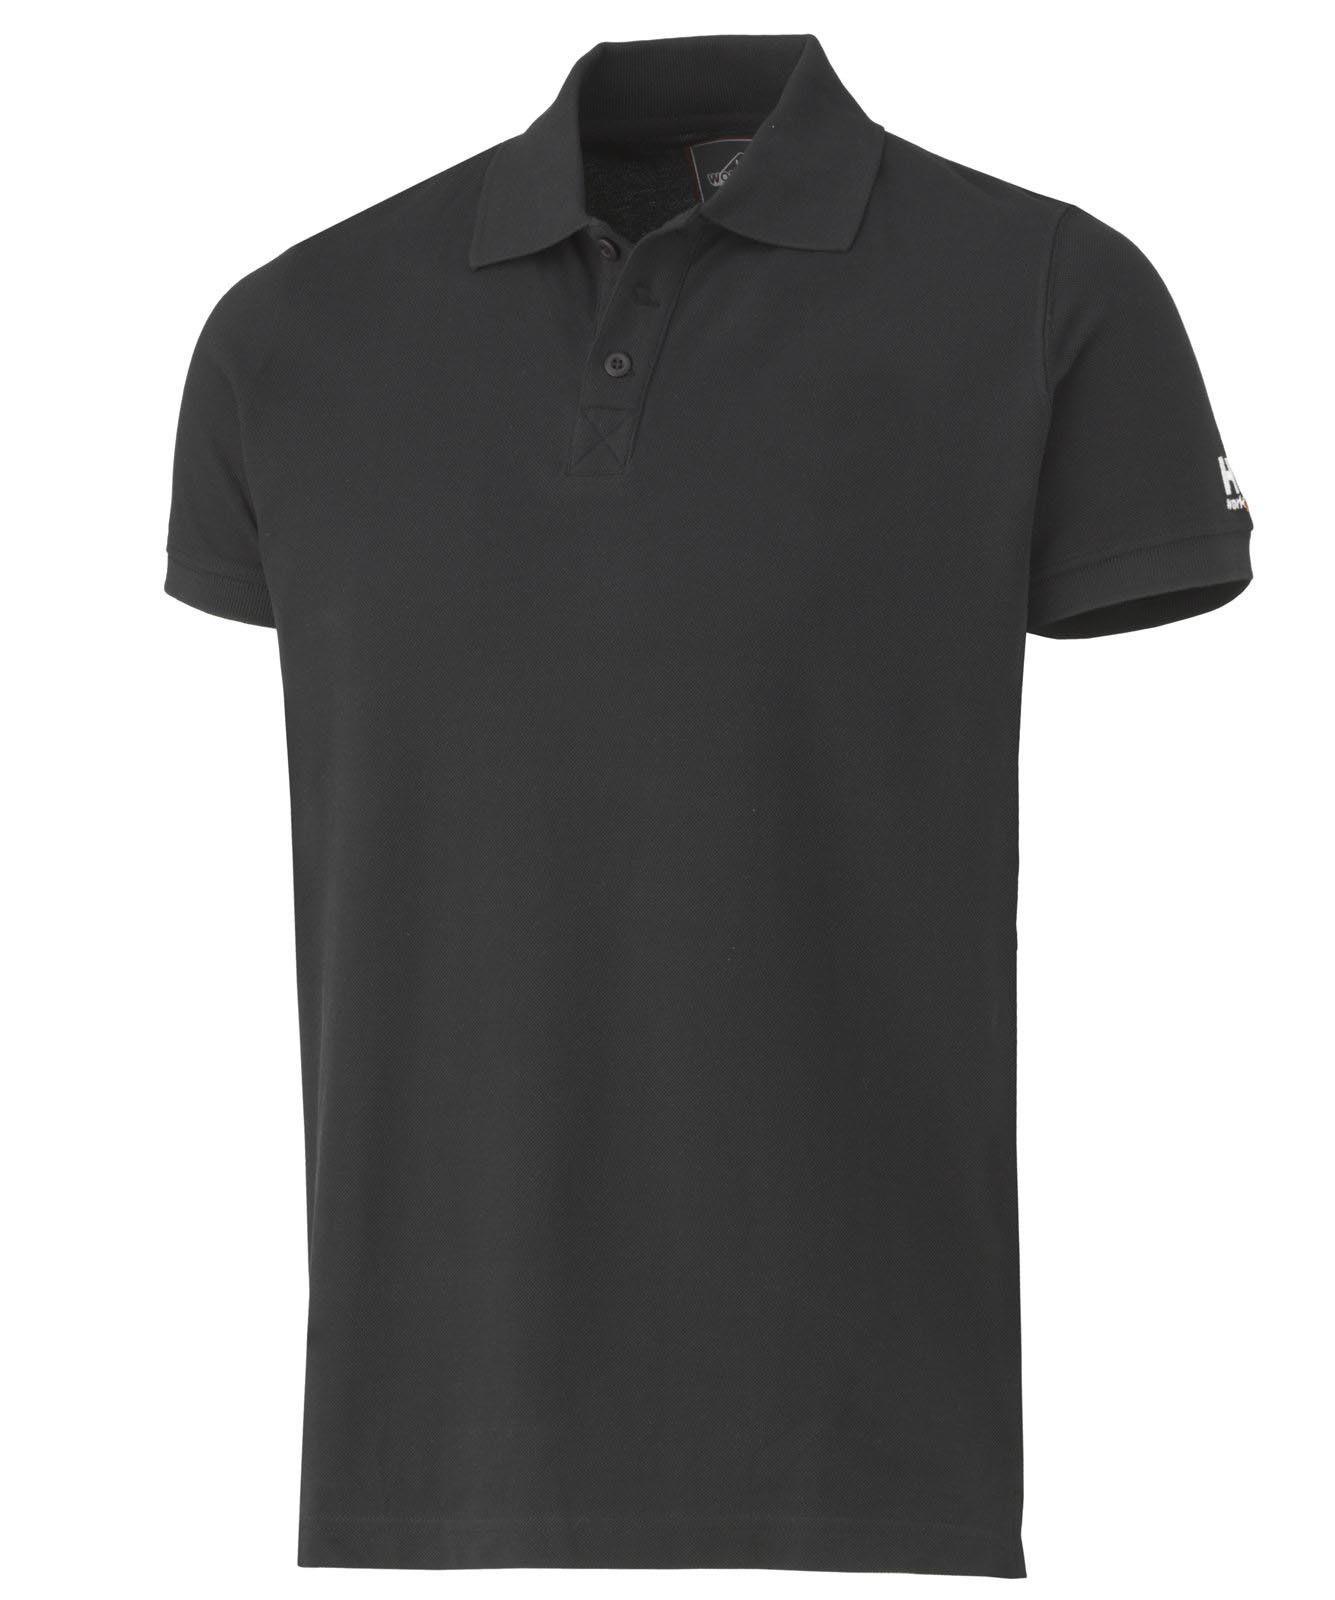 Футболка Helly Hansen Salford Pique - 79182 (Black; L)